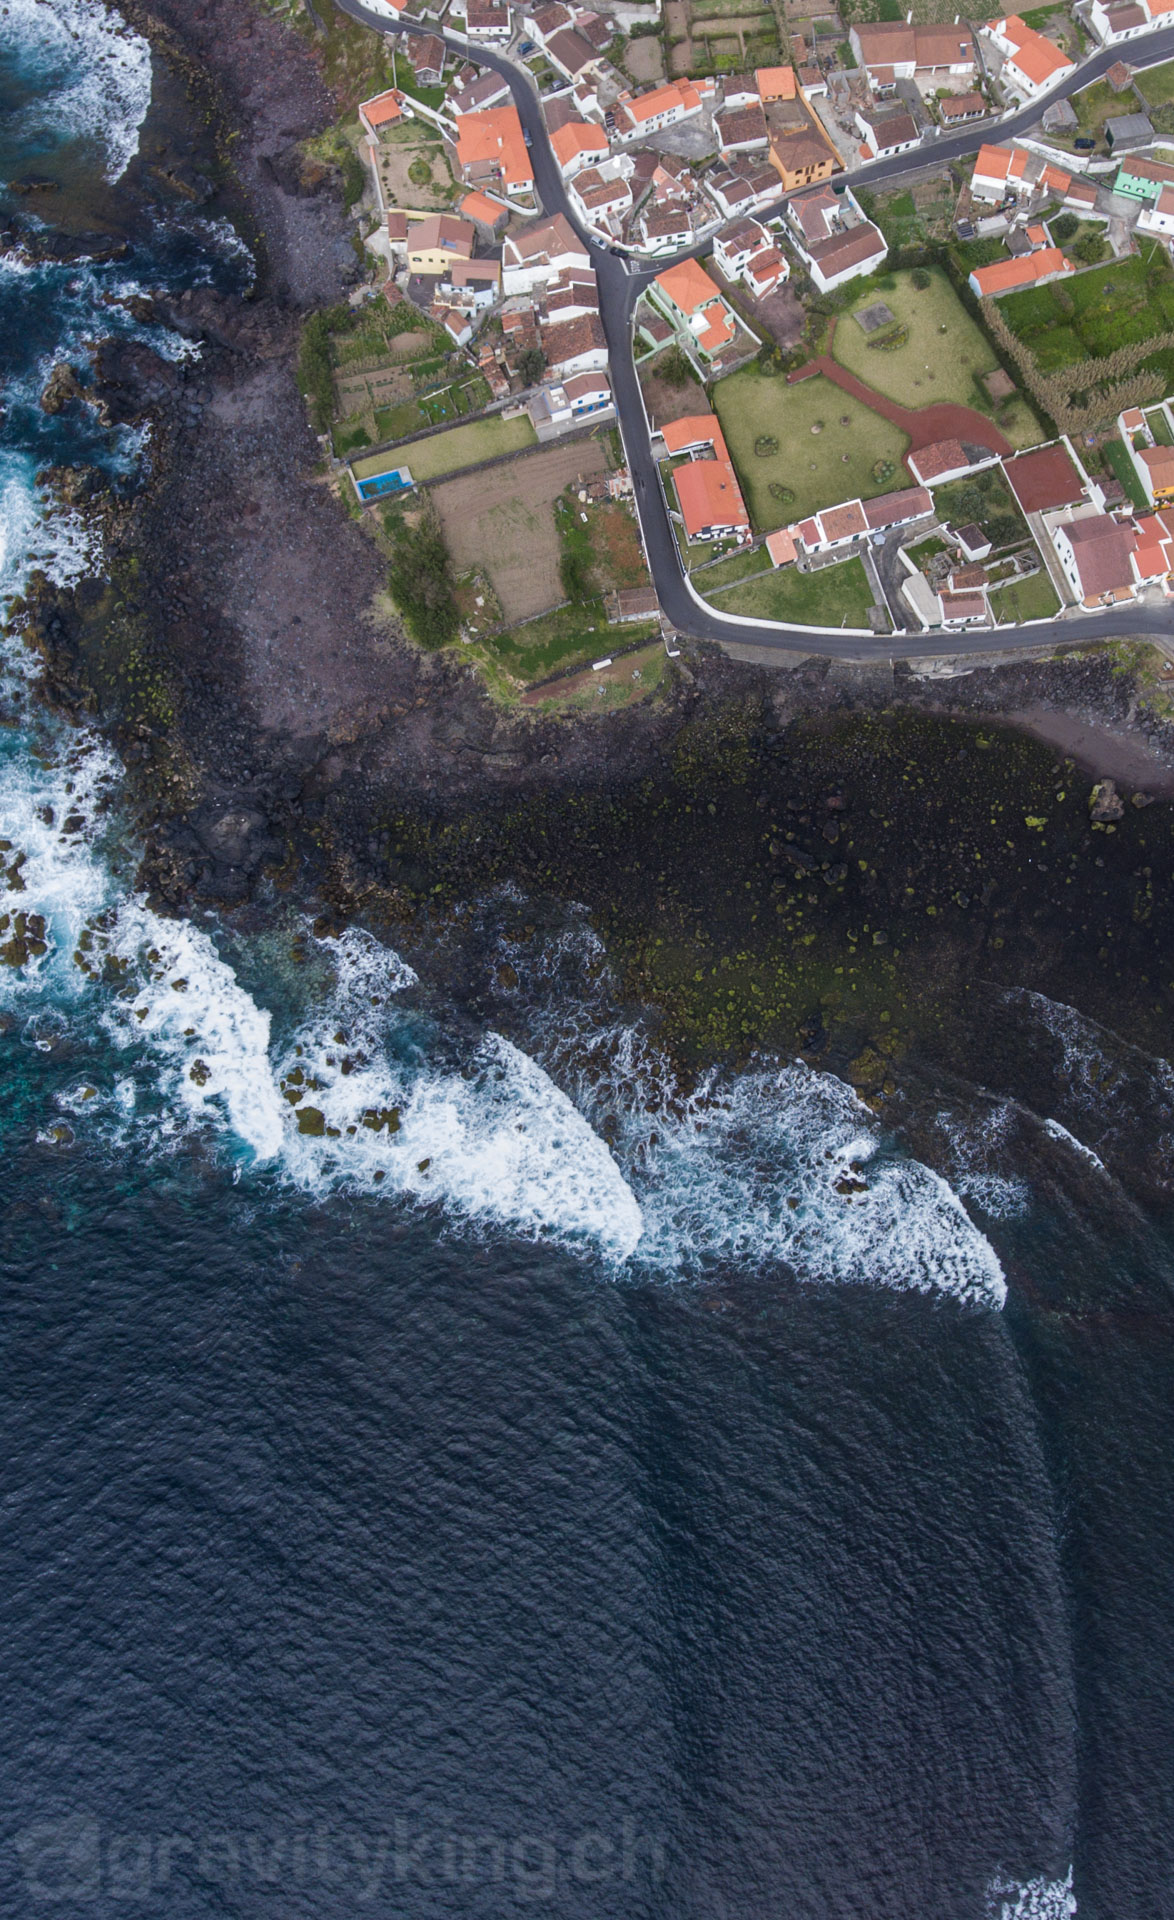 Mosteiros right from the sky. Mosteiros, São Miguel, Azores